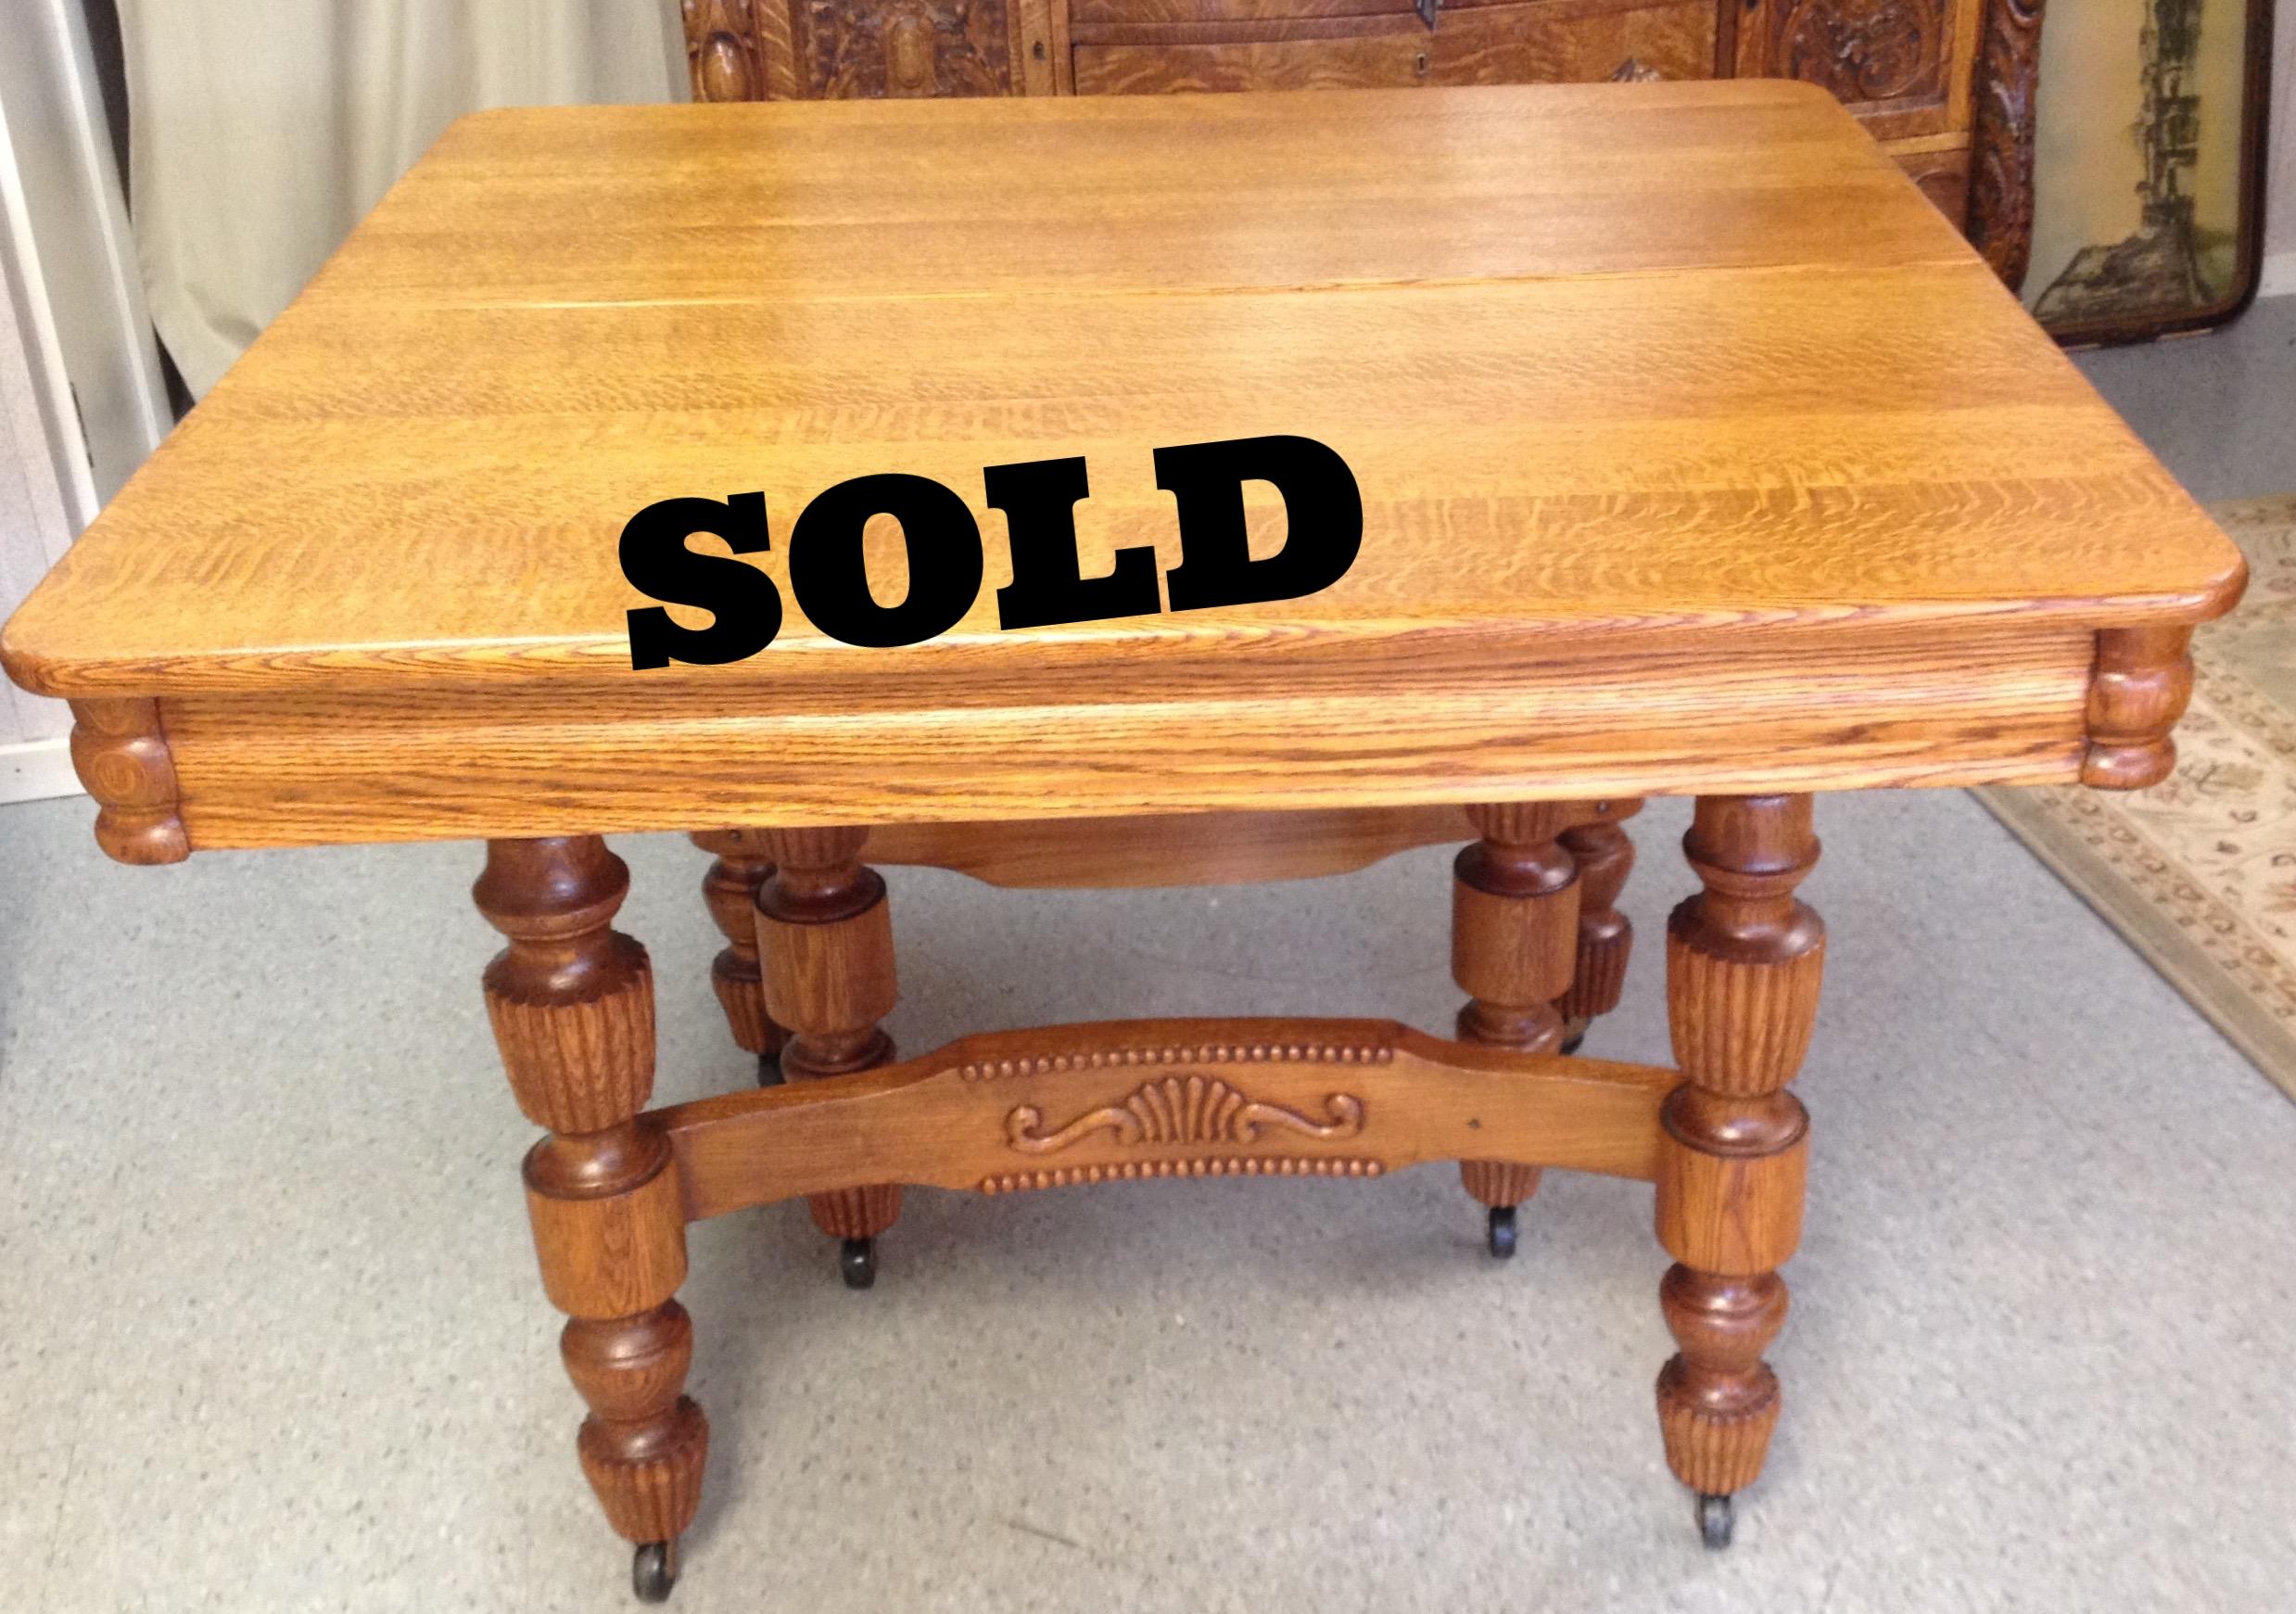 42 in. square oak table